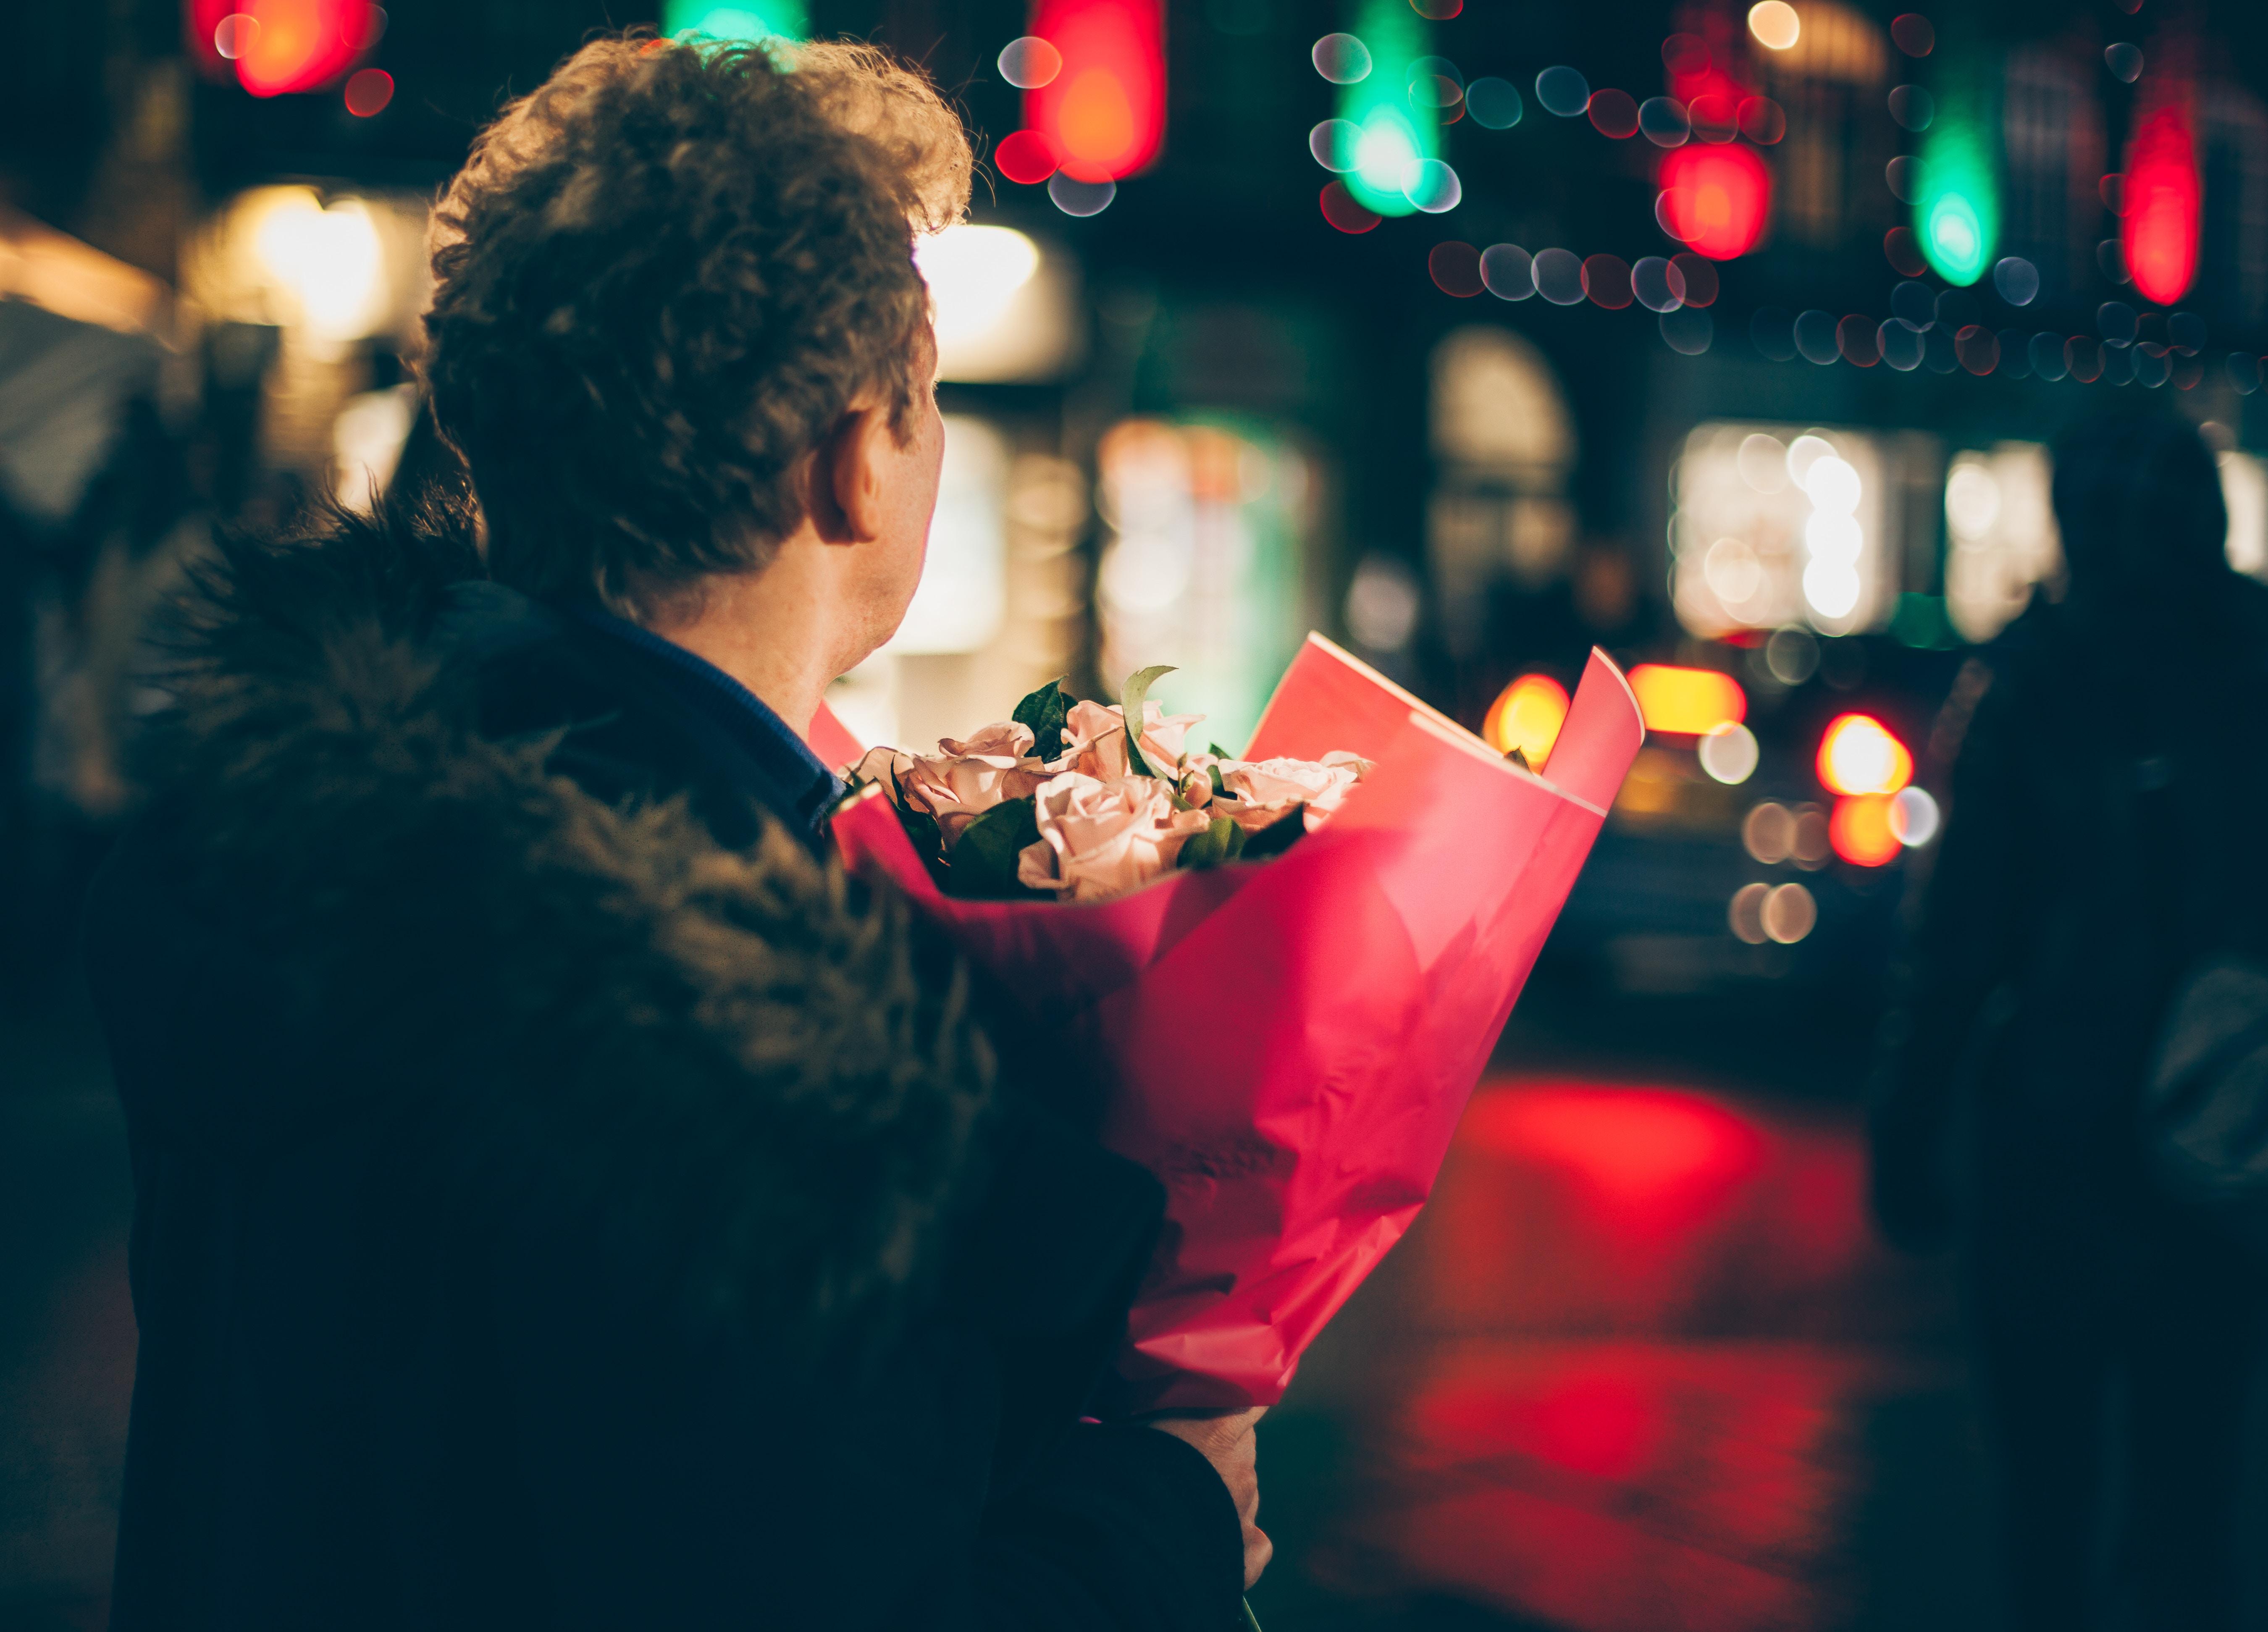 Comment arriver à ce que 36,4% de vos clients dépensent davantage le jour de la Saint-Valentin?